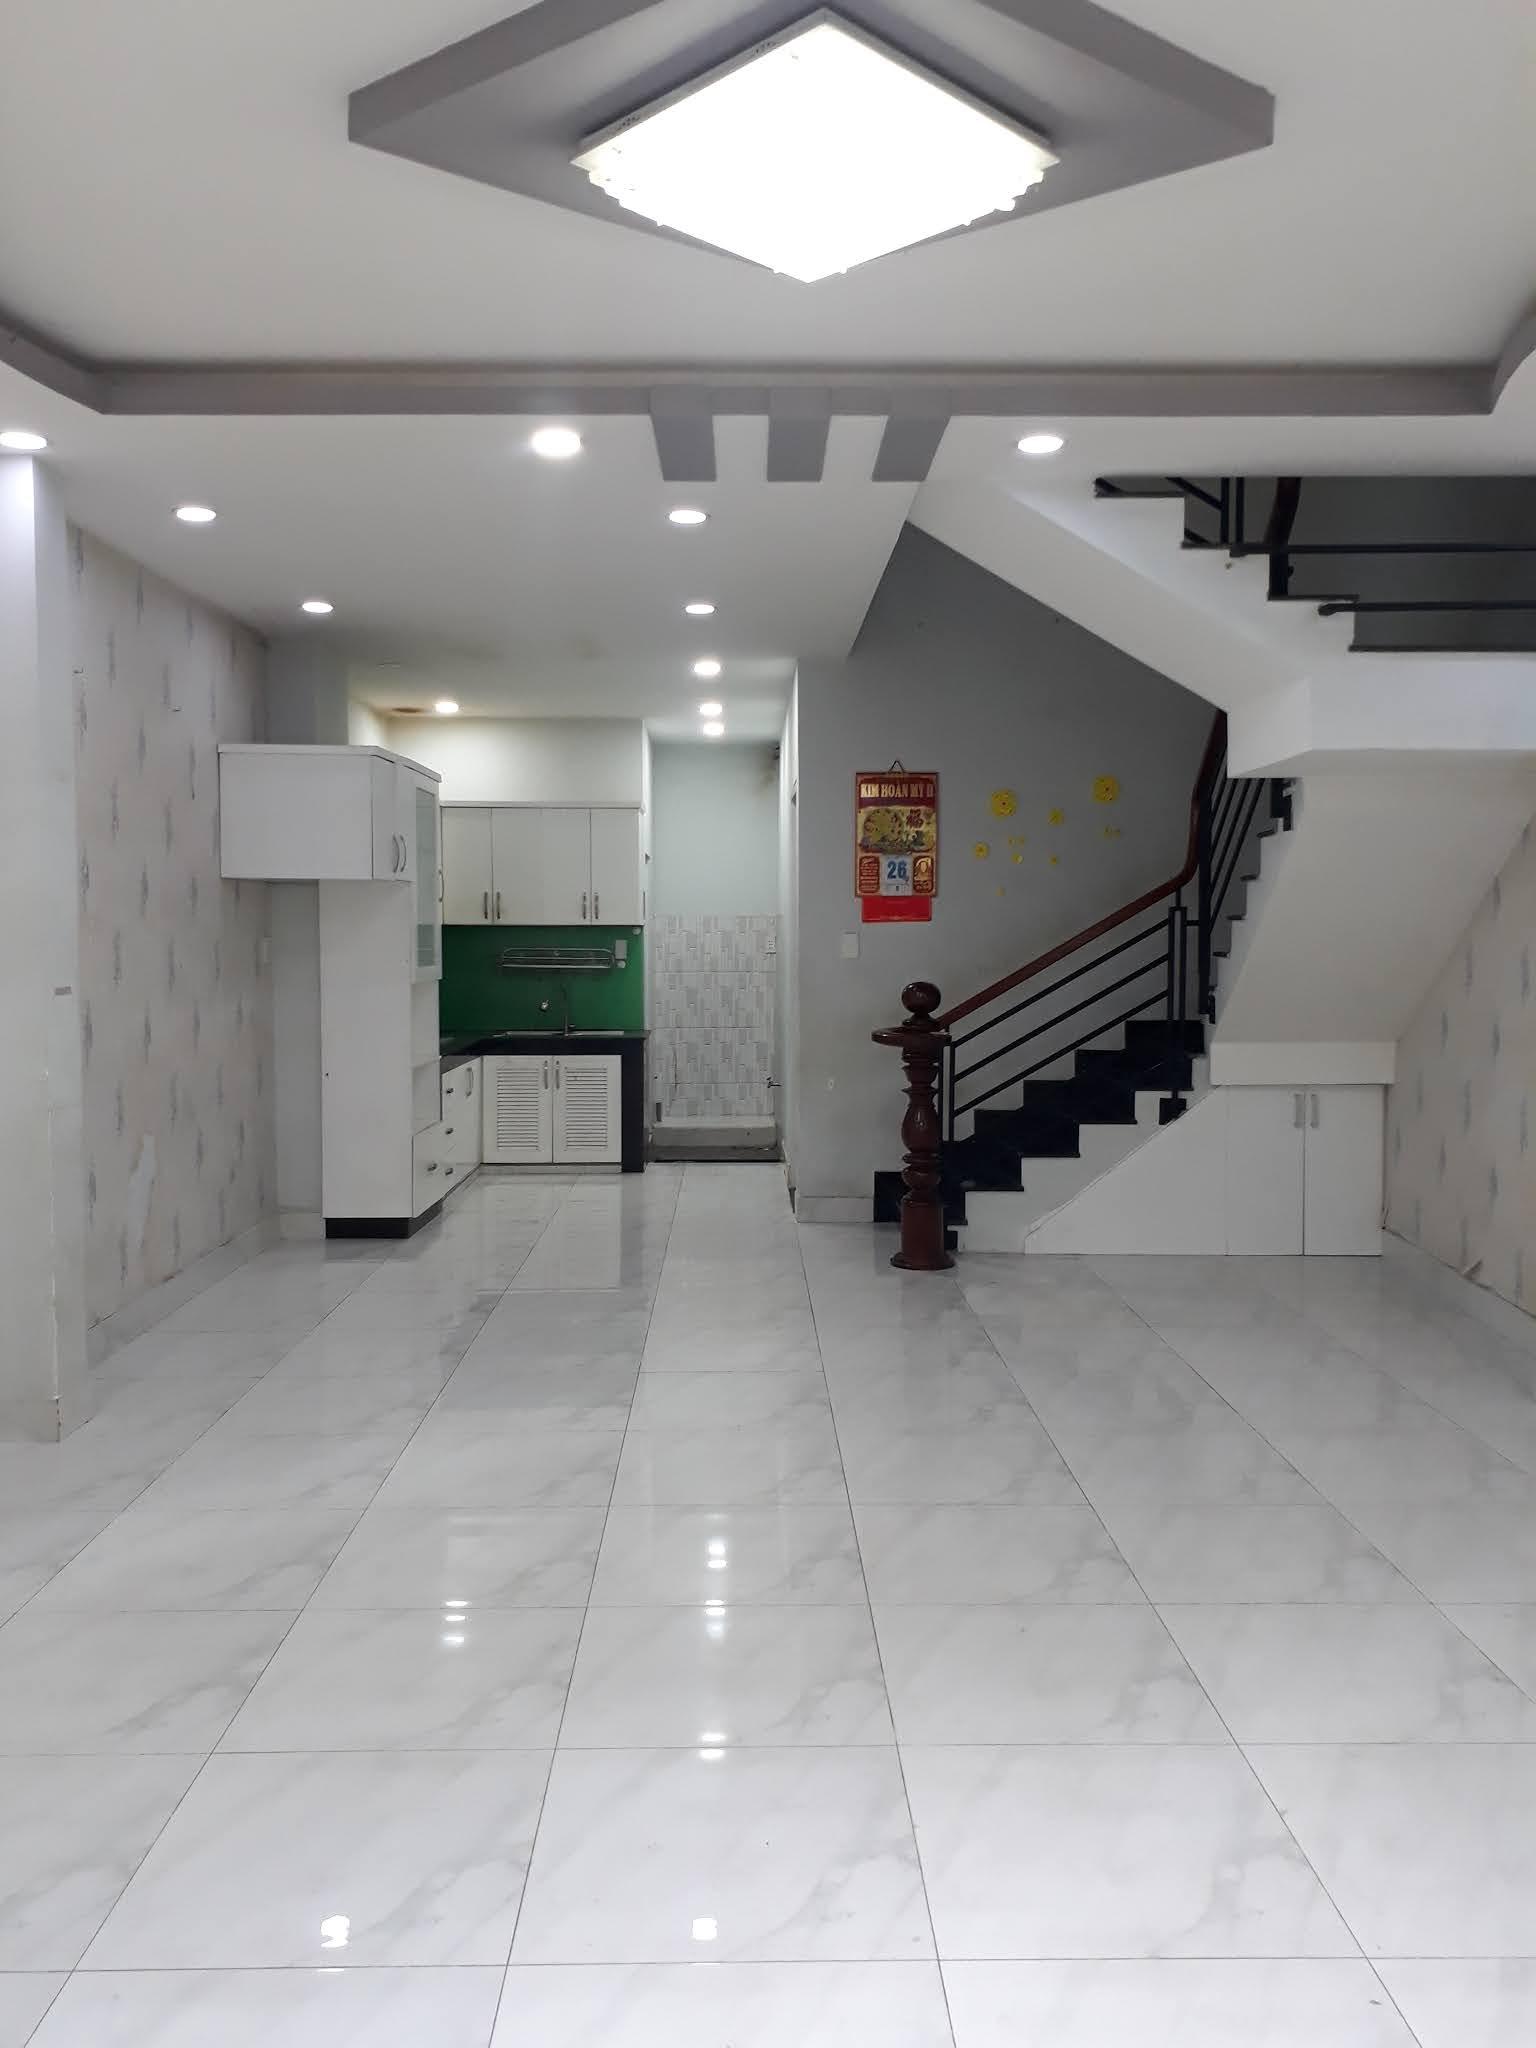 Bán nhà đường Trương Phước Phan quận Bình Tân giá rẻ cách Lê Văn Quới 100m